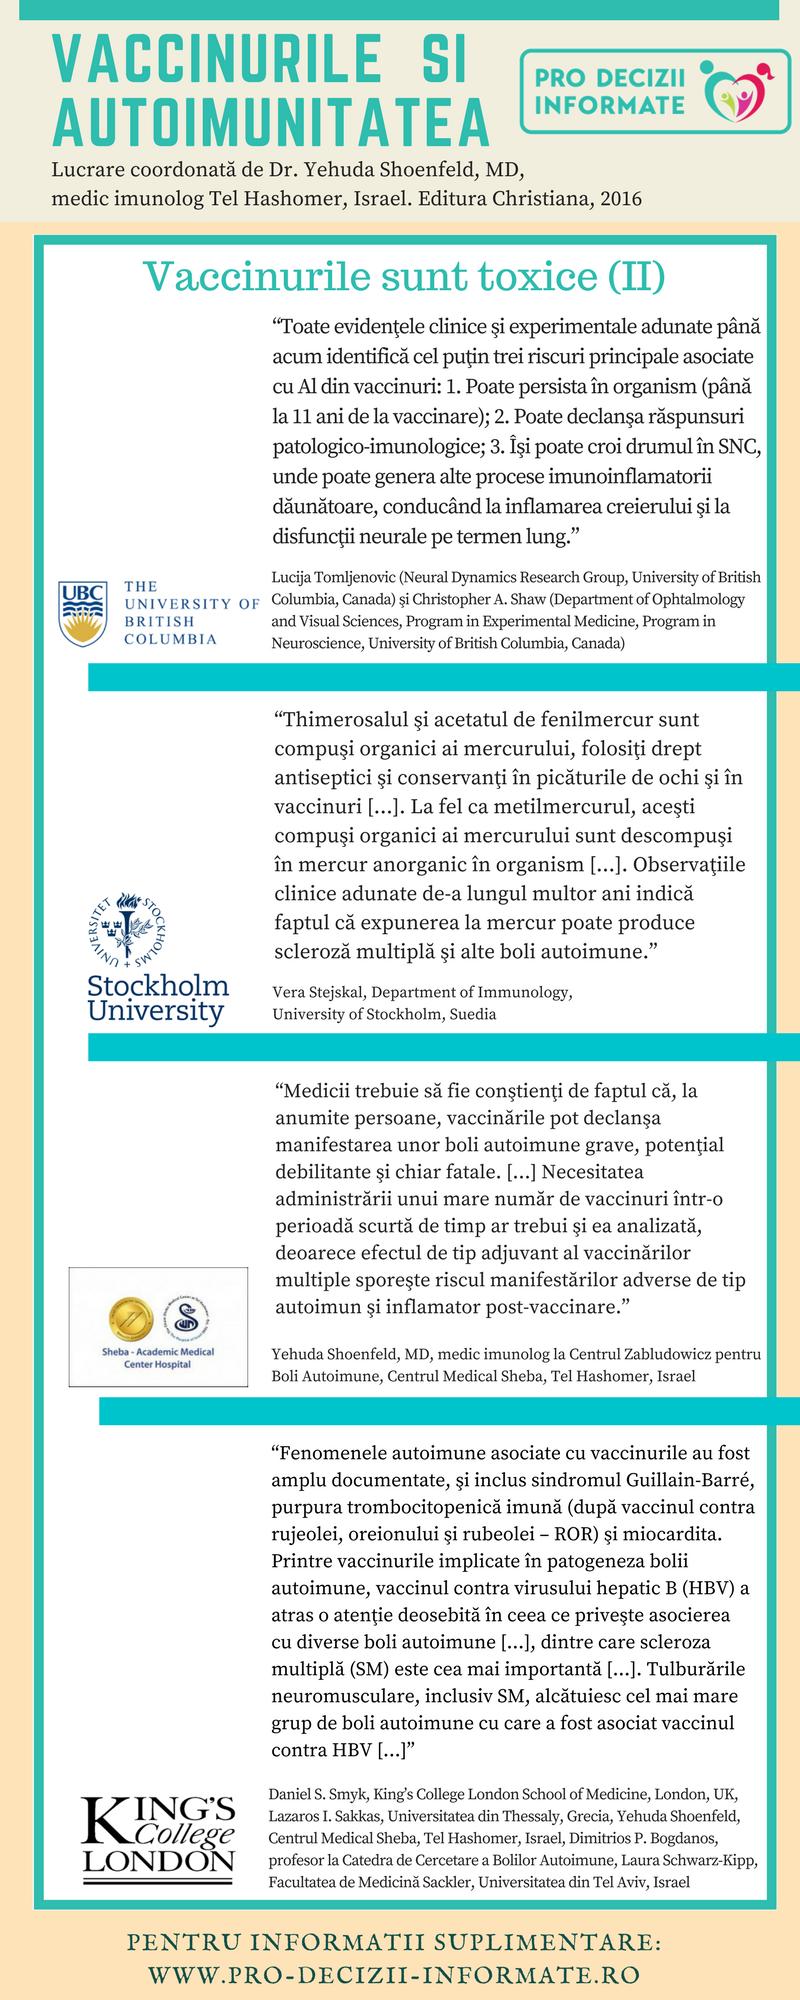 Vaccinurile si autoimunitatea-verso